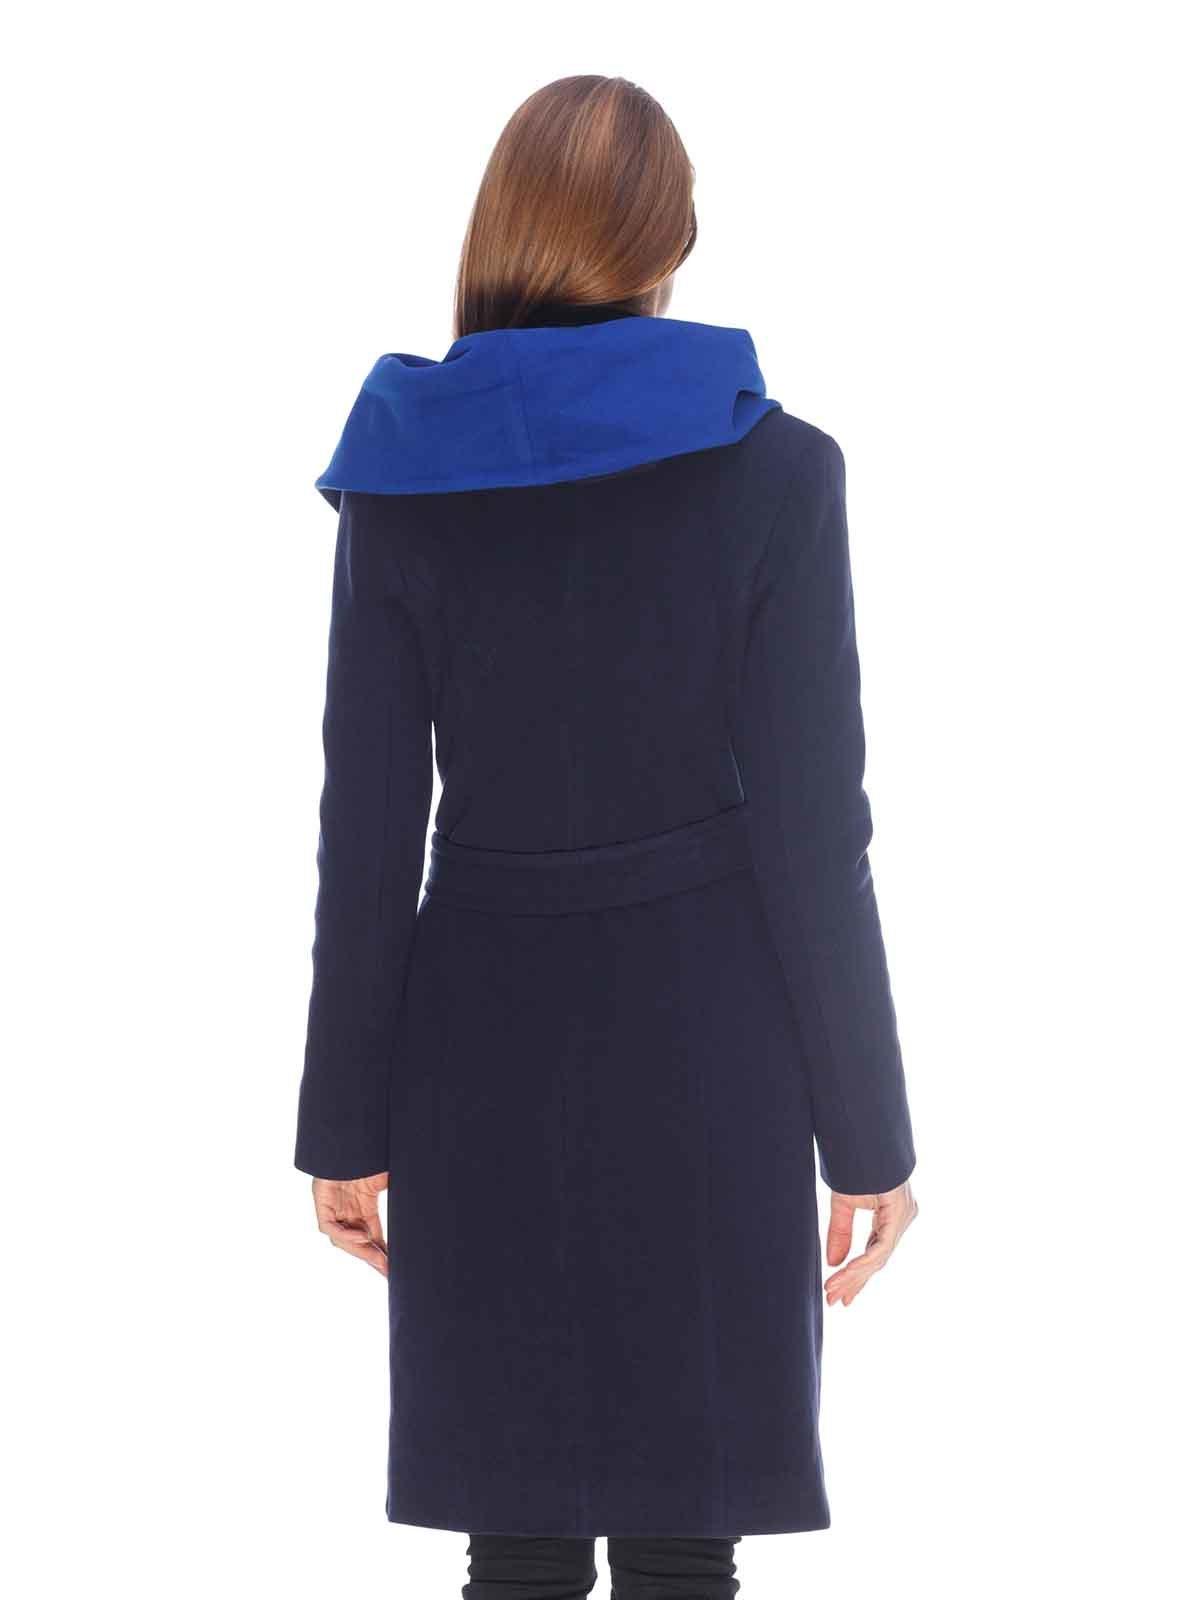 Пальто темно-синее   3605700   фото 2